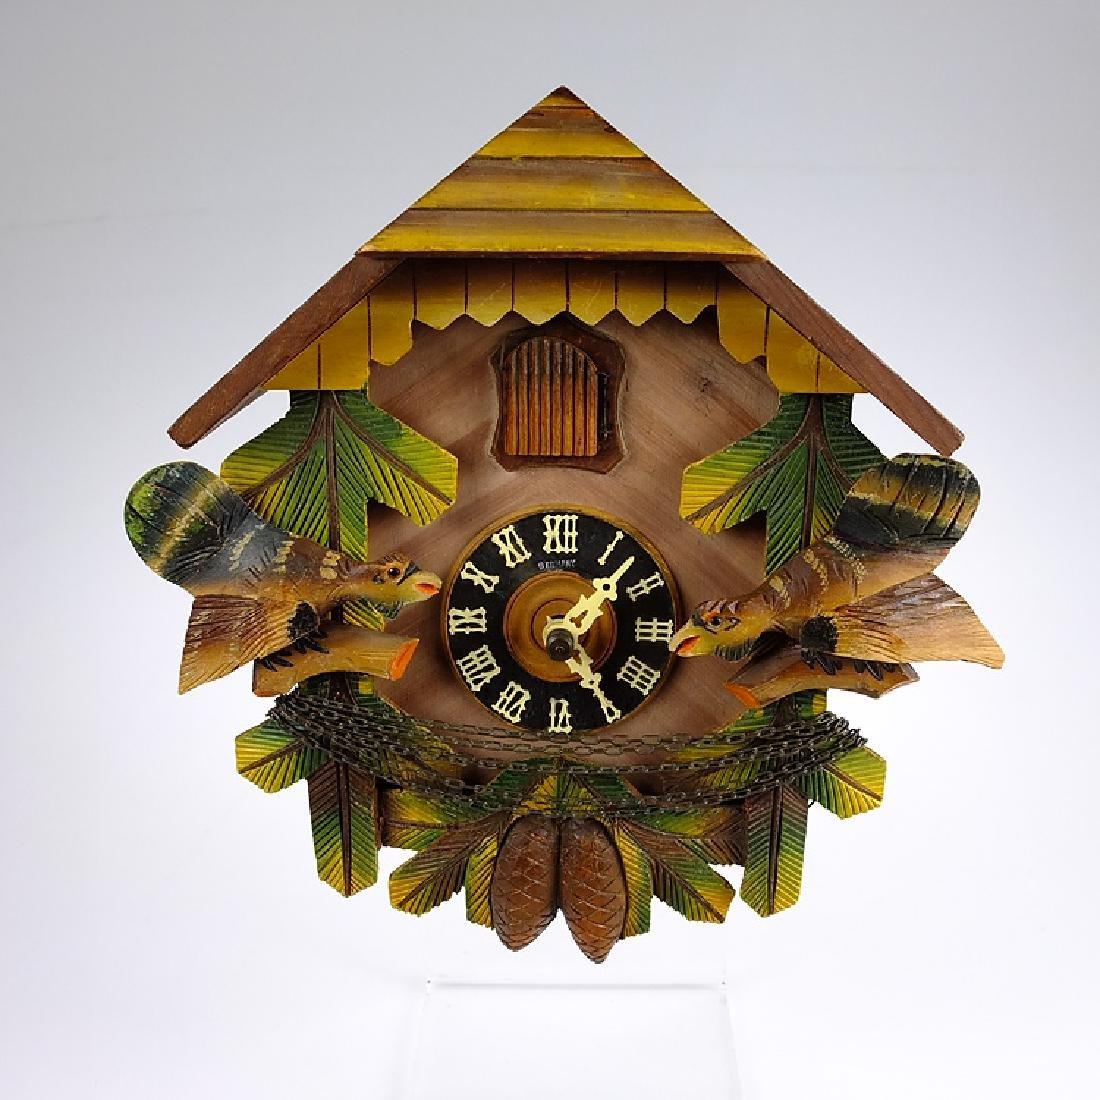 Forestville Clock Co CUCKOO CLOCK VINTAGE BLACK FOREST